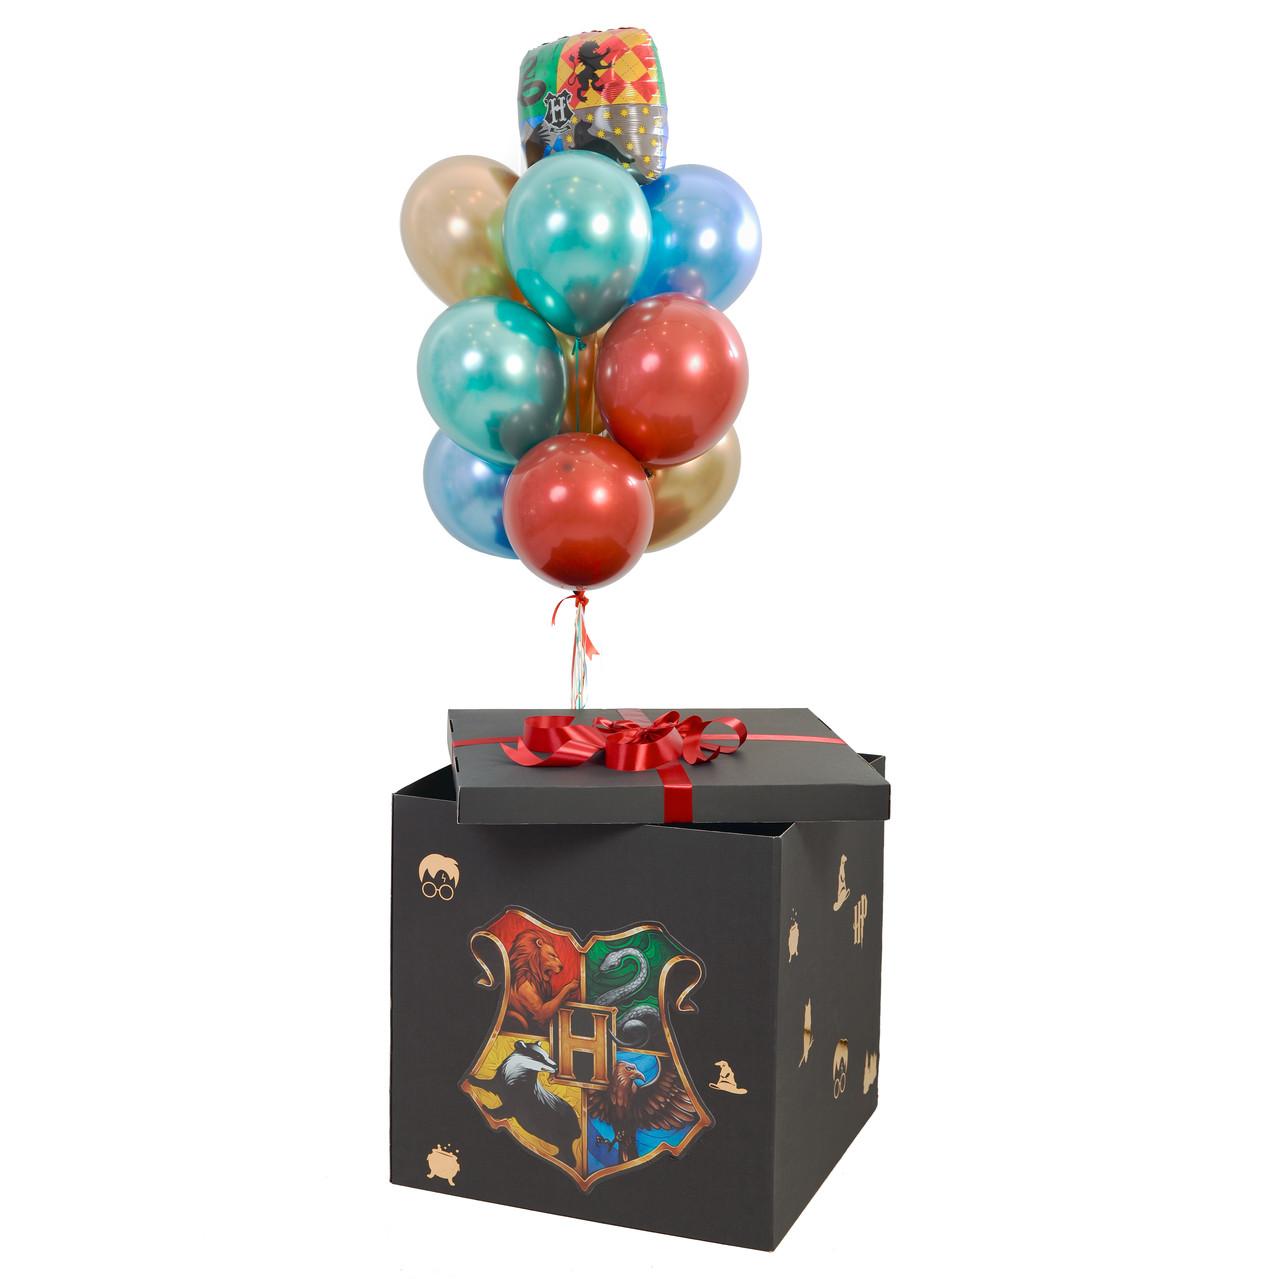 Коробка-сюрприз черная с декором и связка: герб Гарри Поттера, 3 золото хром, 2 красных хром дабл стафф, 2